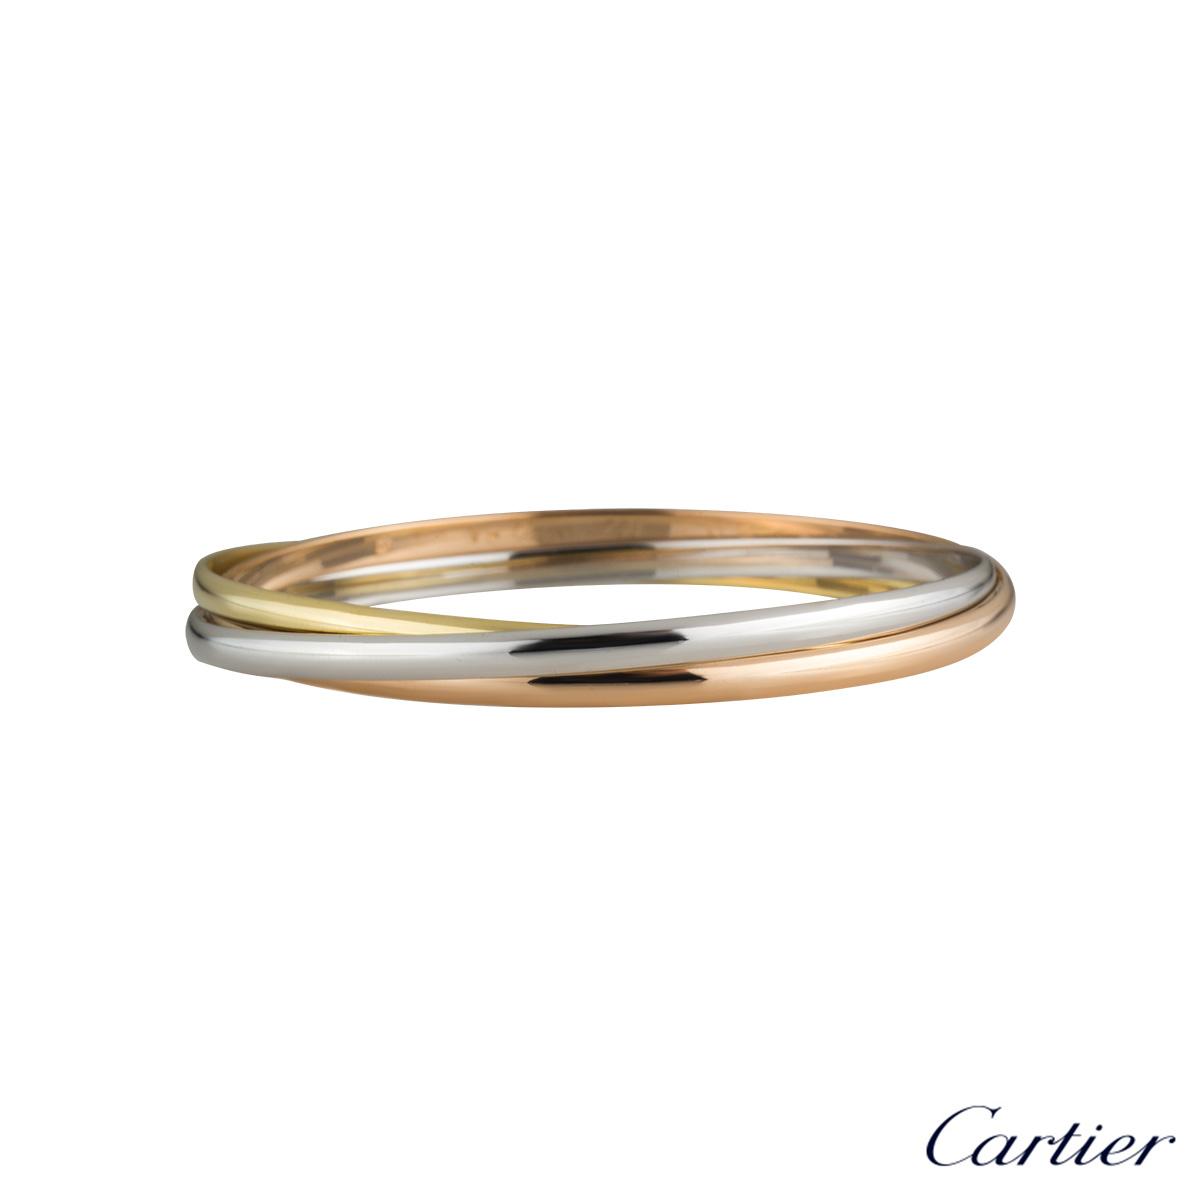 Cartier Trinity De Cartier Bracelet B6050217